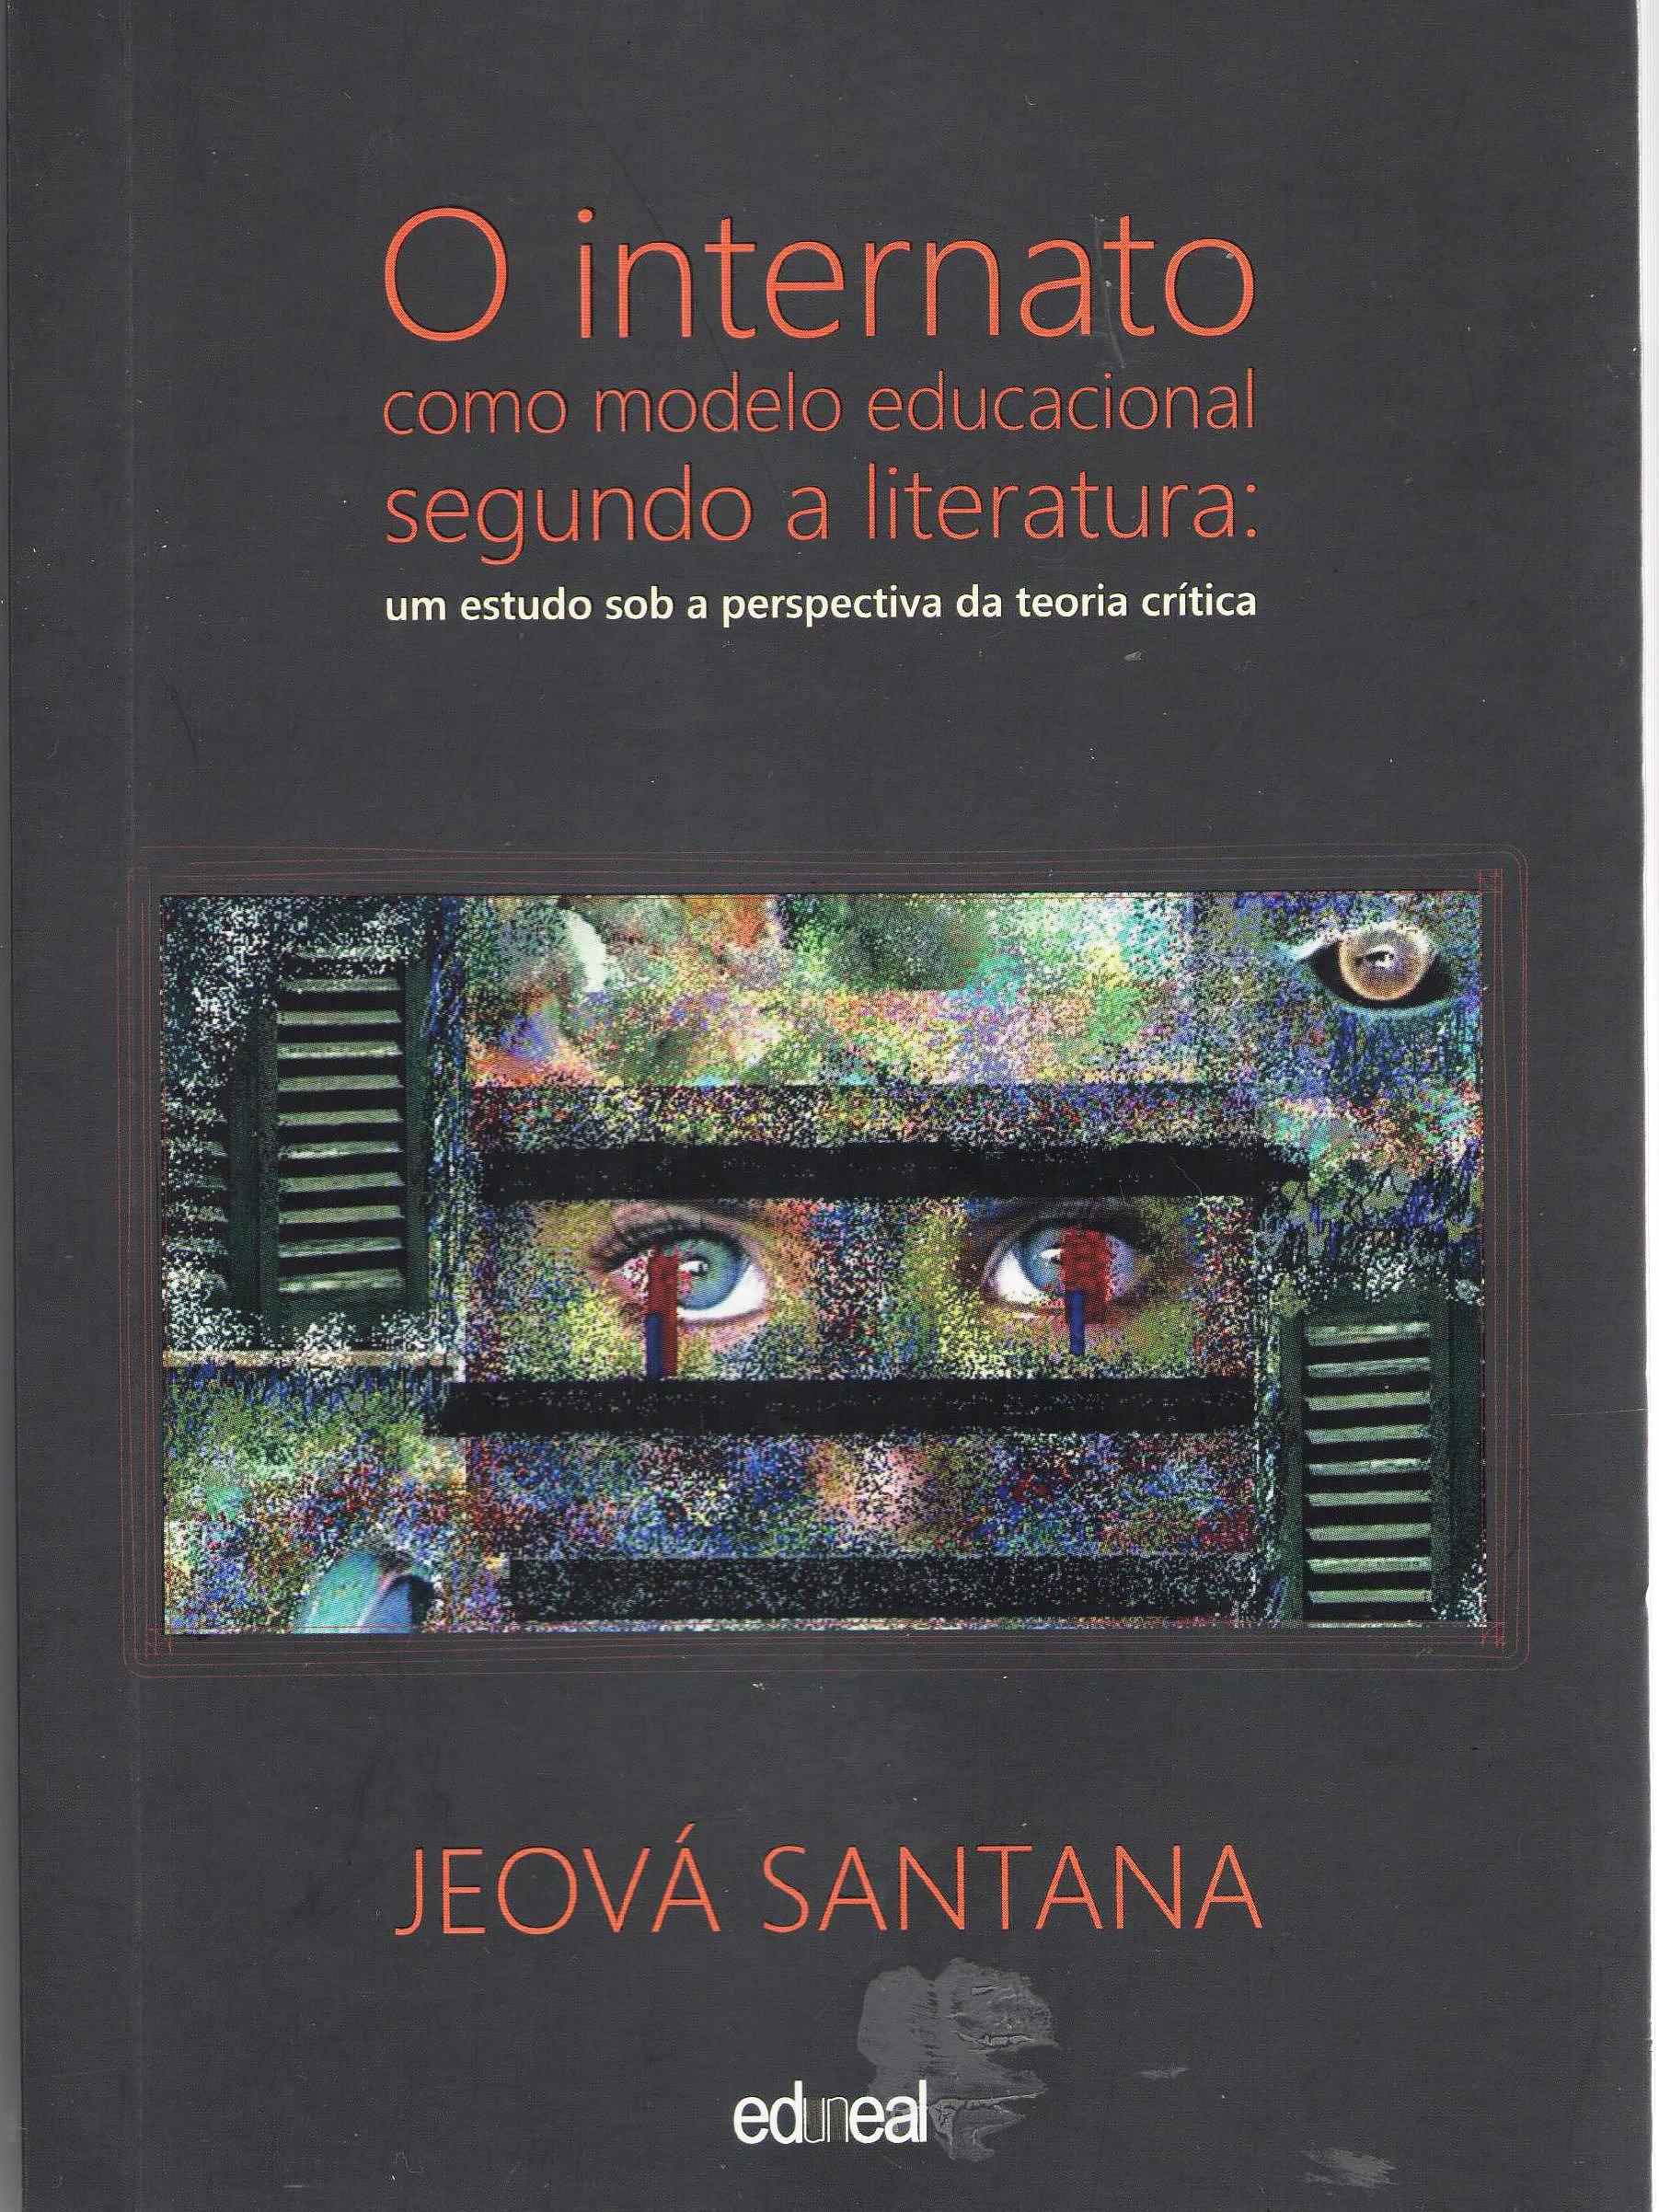 O internato como modelo educacional segundo a literatura, livro de Jeová Santana